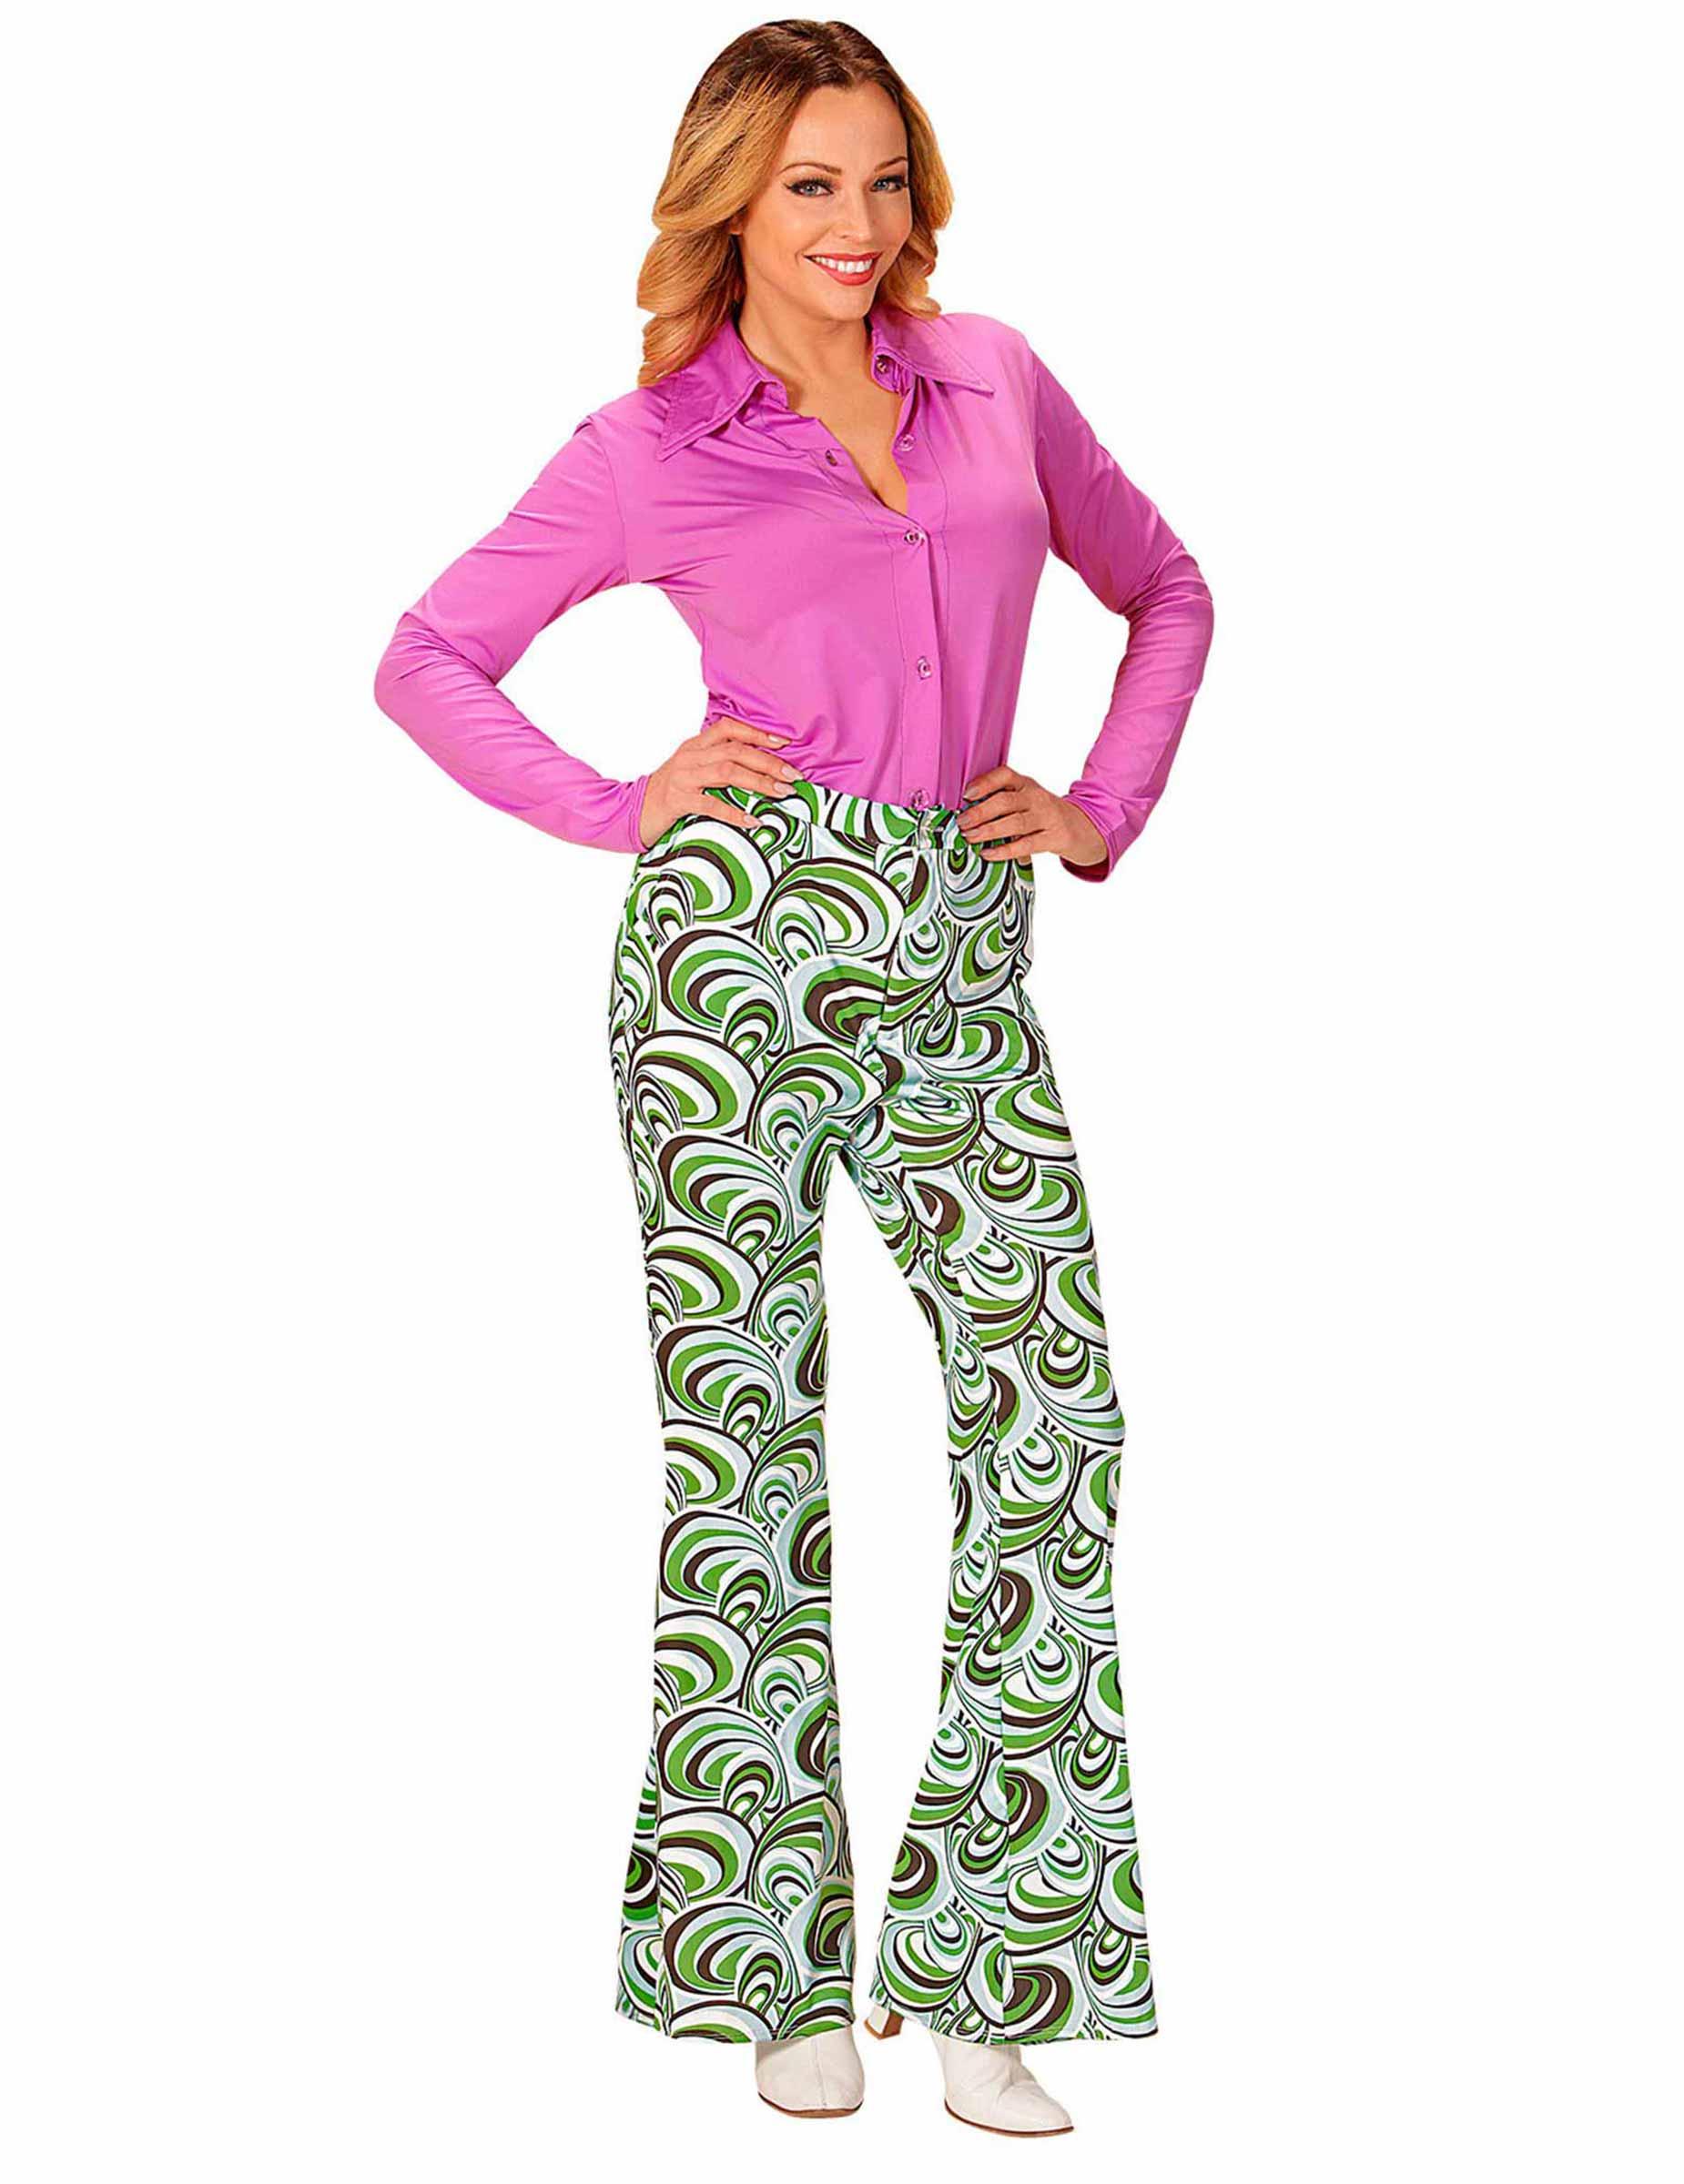 pantalon groovy waves ann es 70 femme deguise toi achat de d guisements adultes. Black Bedroom Furniture Sets. Home Design Ideas